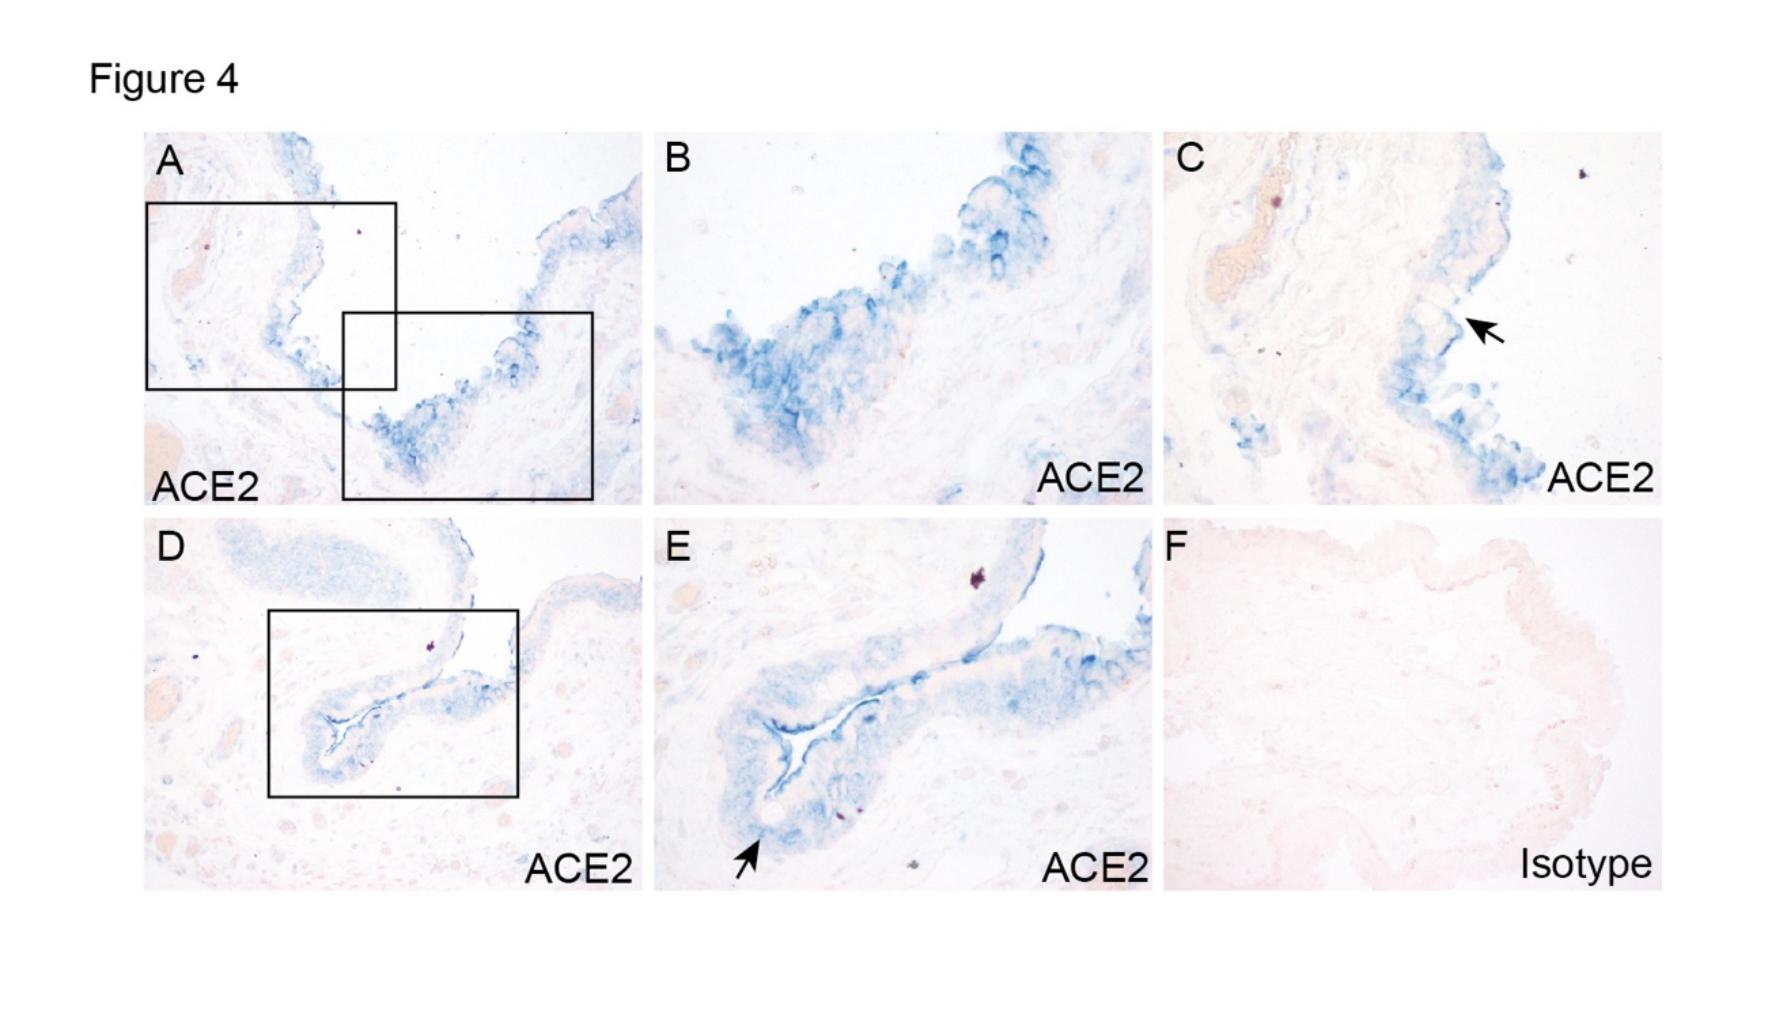 图3:结膜手术标本的ACE2外达及定位。(A)框中的区域在(B)和(C)以较高的放大倍数表现。(D)框中的区域在(E)以较高的放大倍数表现。箭头外示杯状细胞(C,E)。